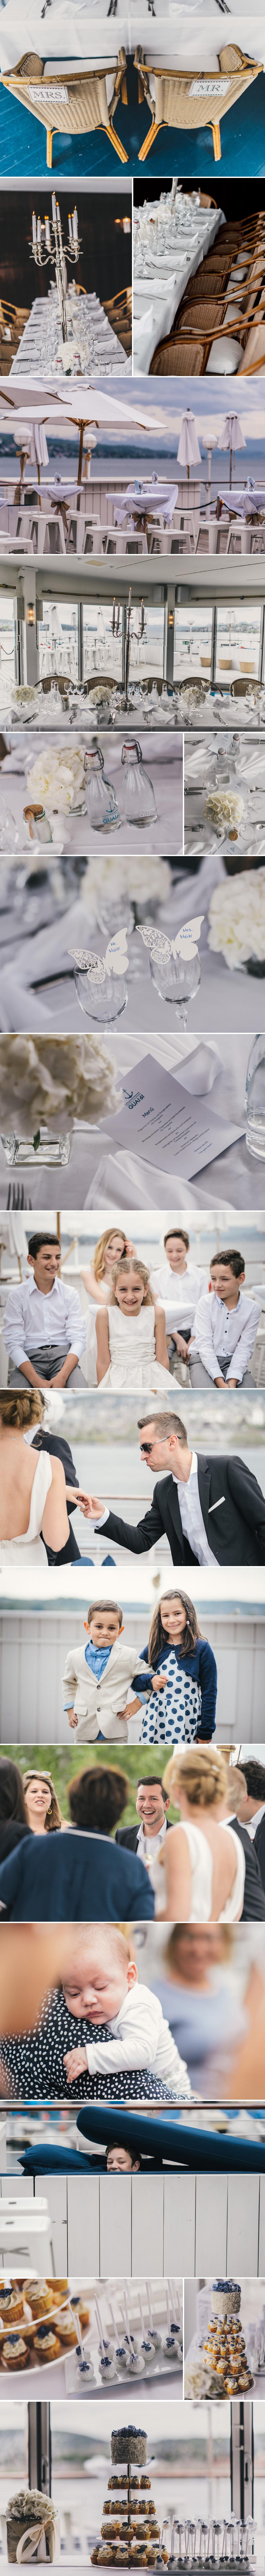 Hochzeitsfotografen_Sami